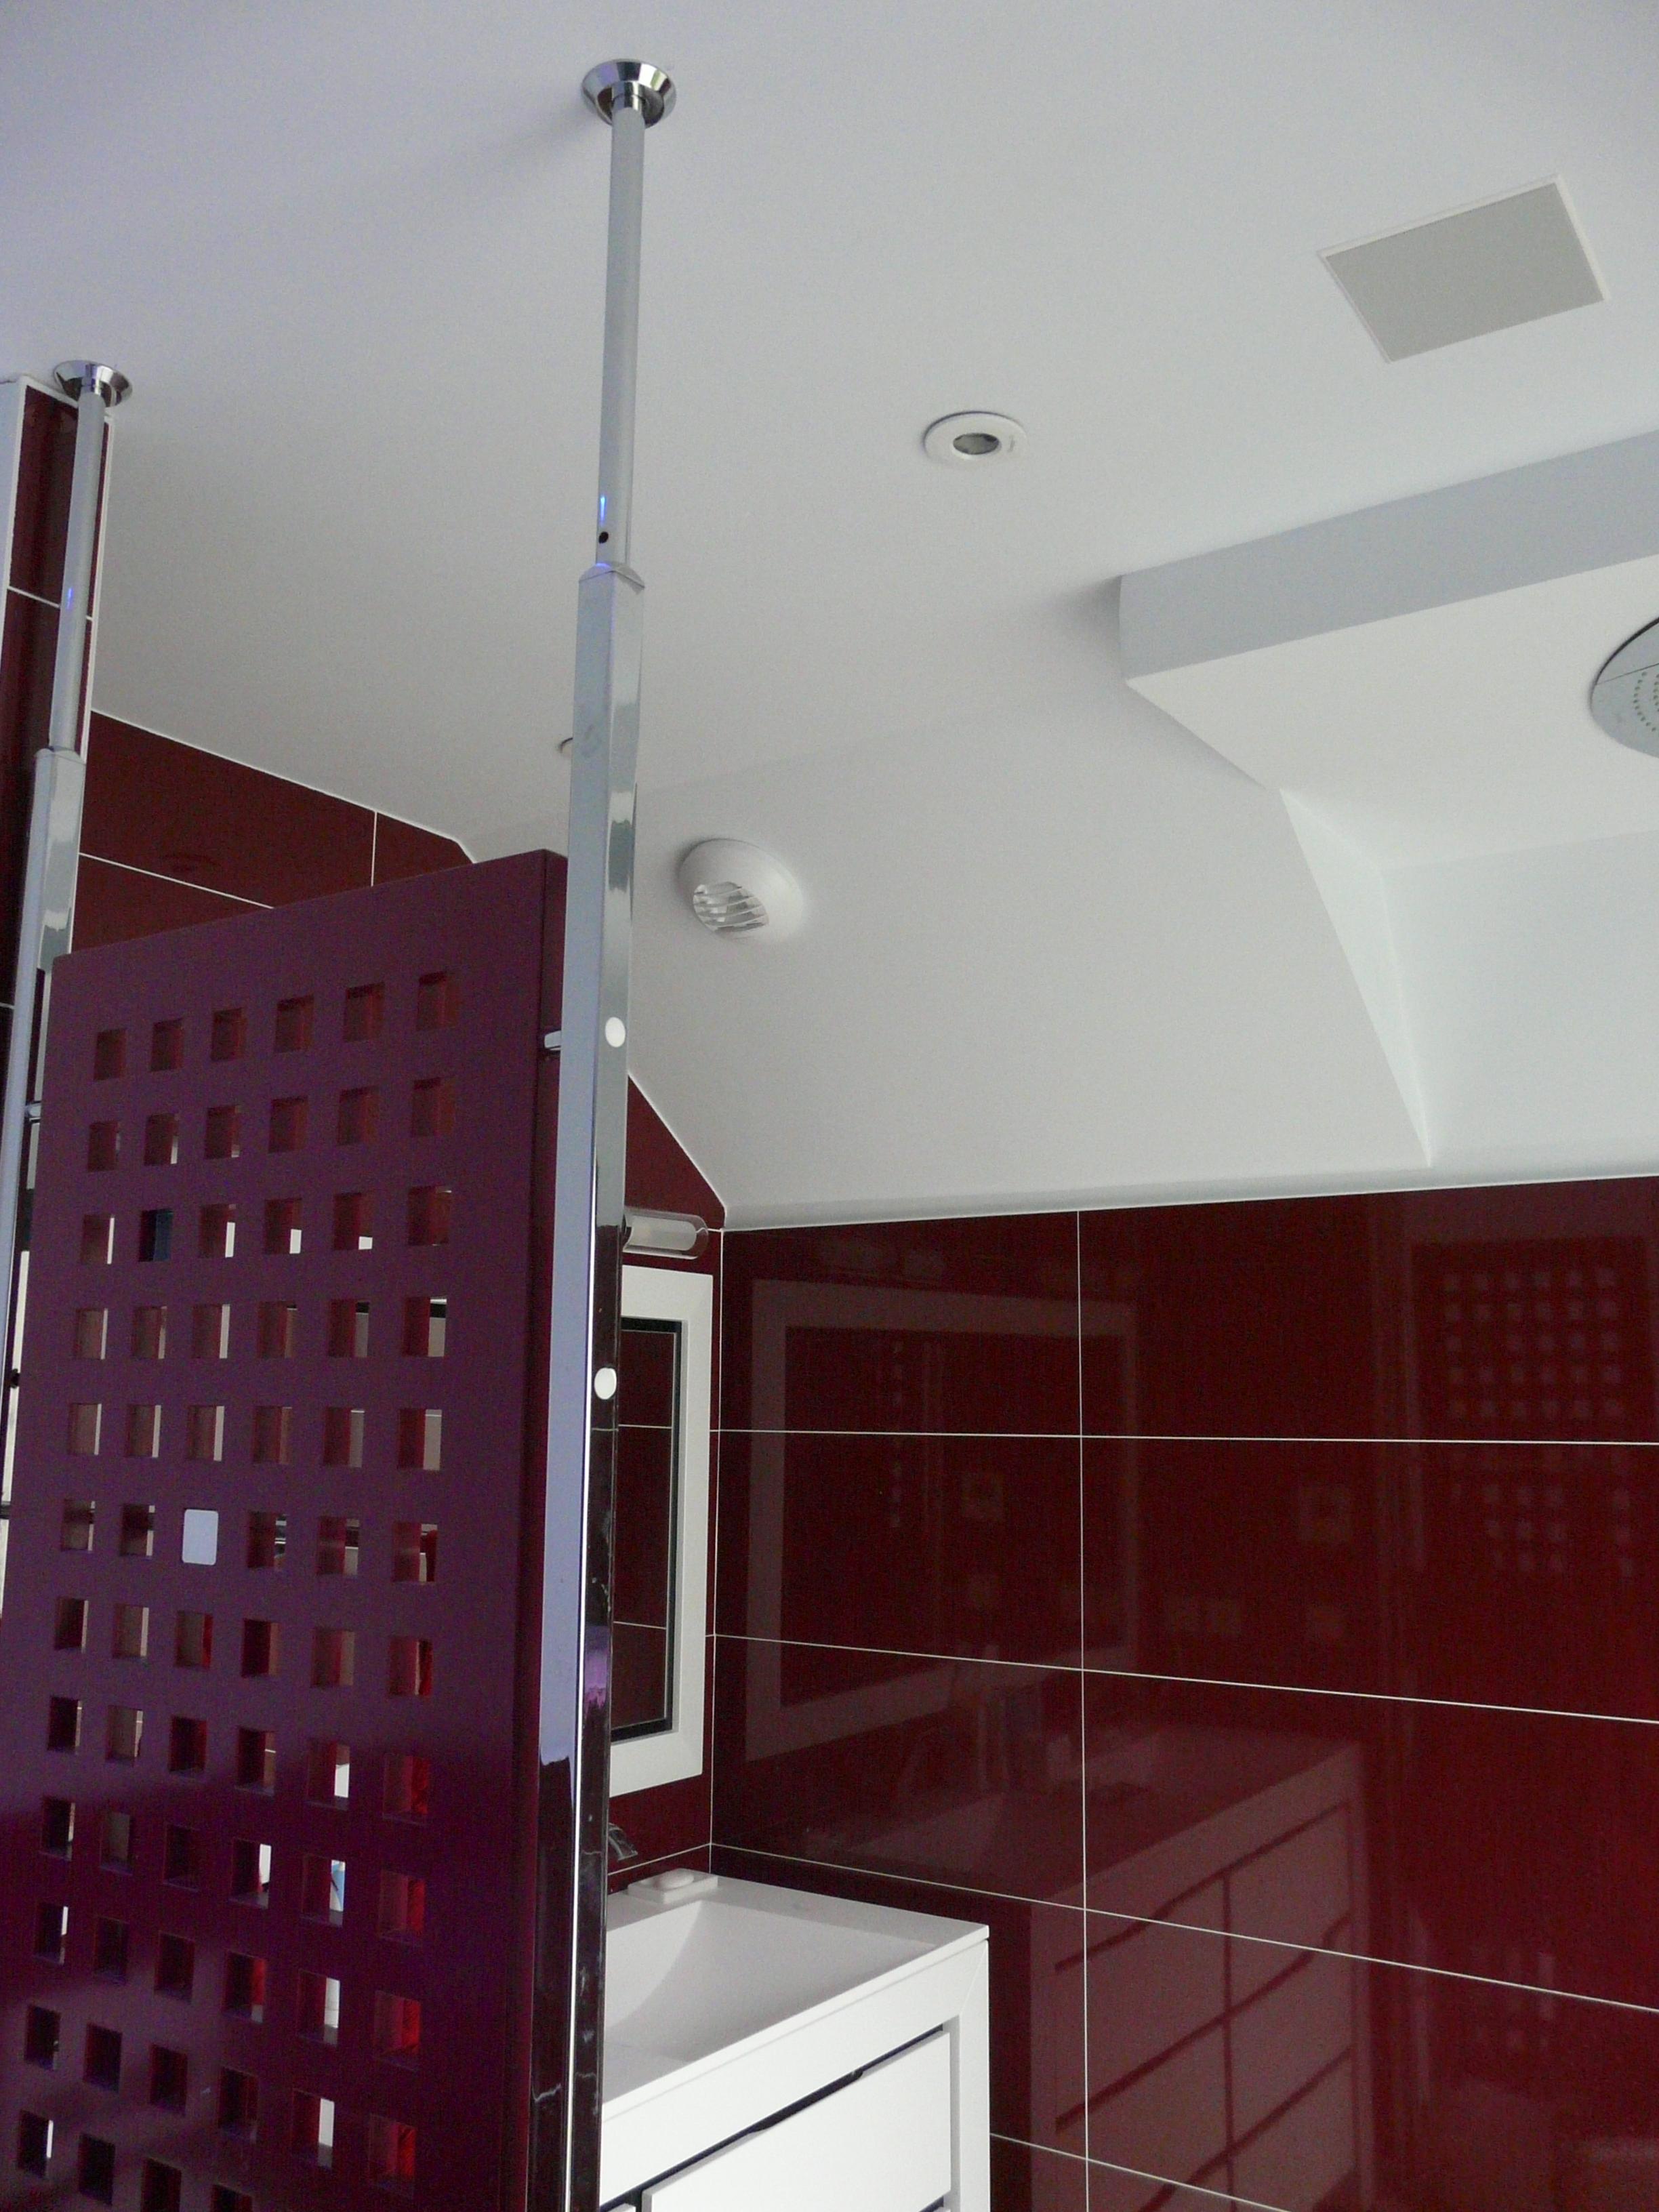 enceinte encastr e salle de bain hifi vannes auditorium pederson. Black Bedroom Furniture Sets. Home Design Ideas